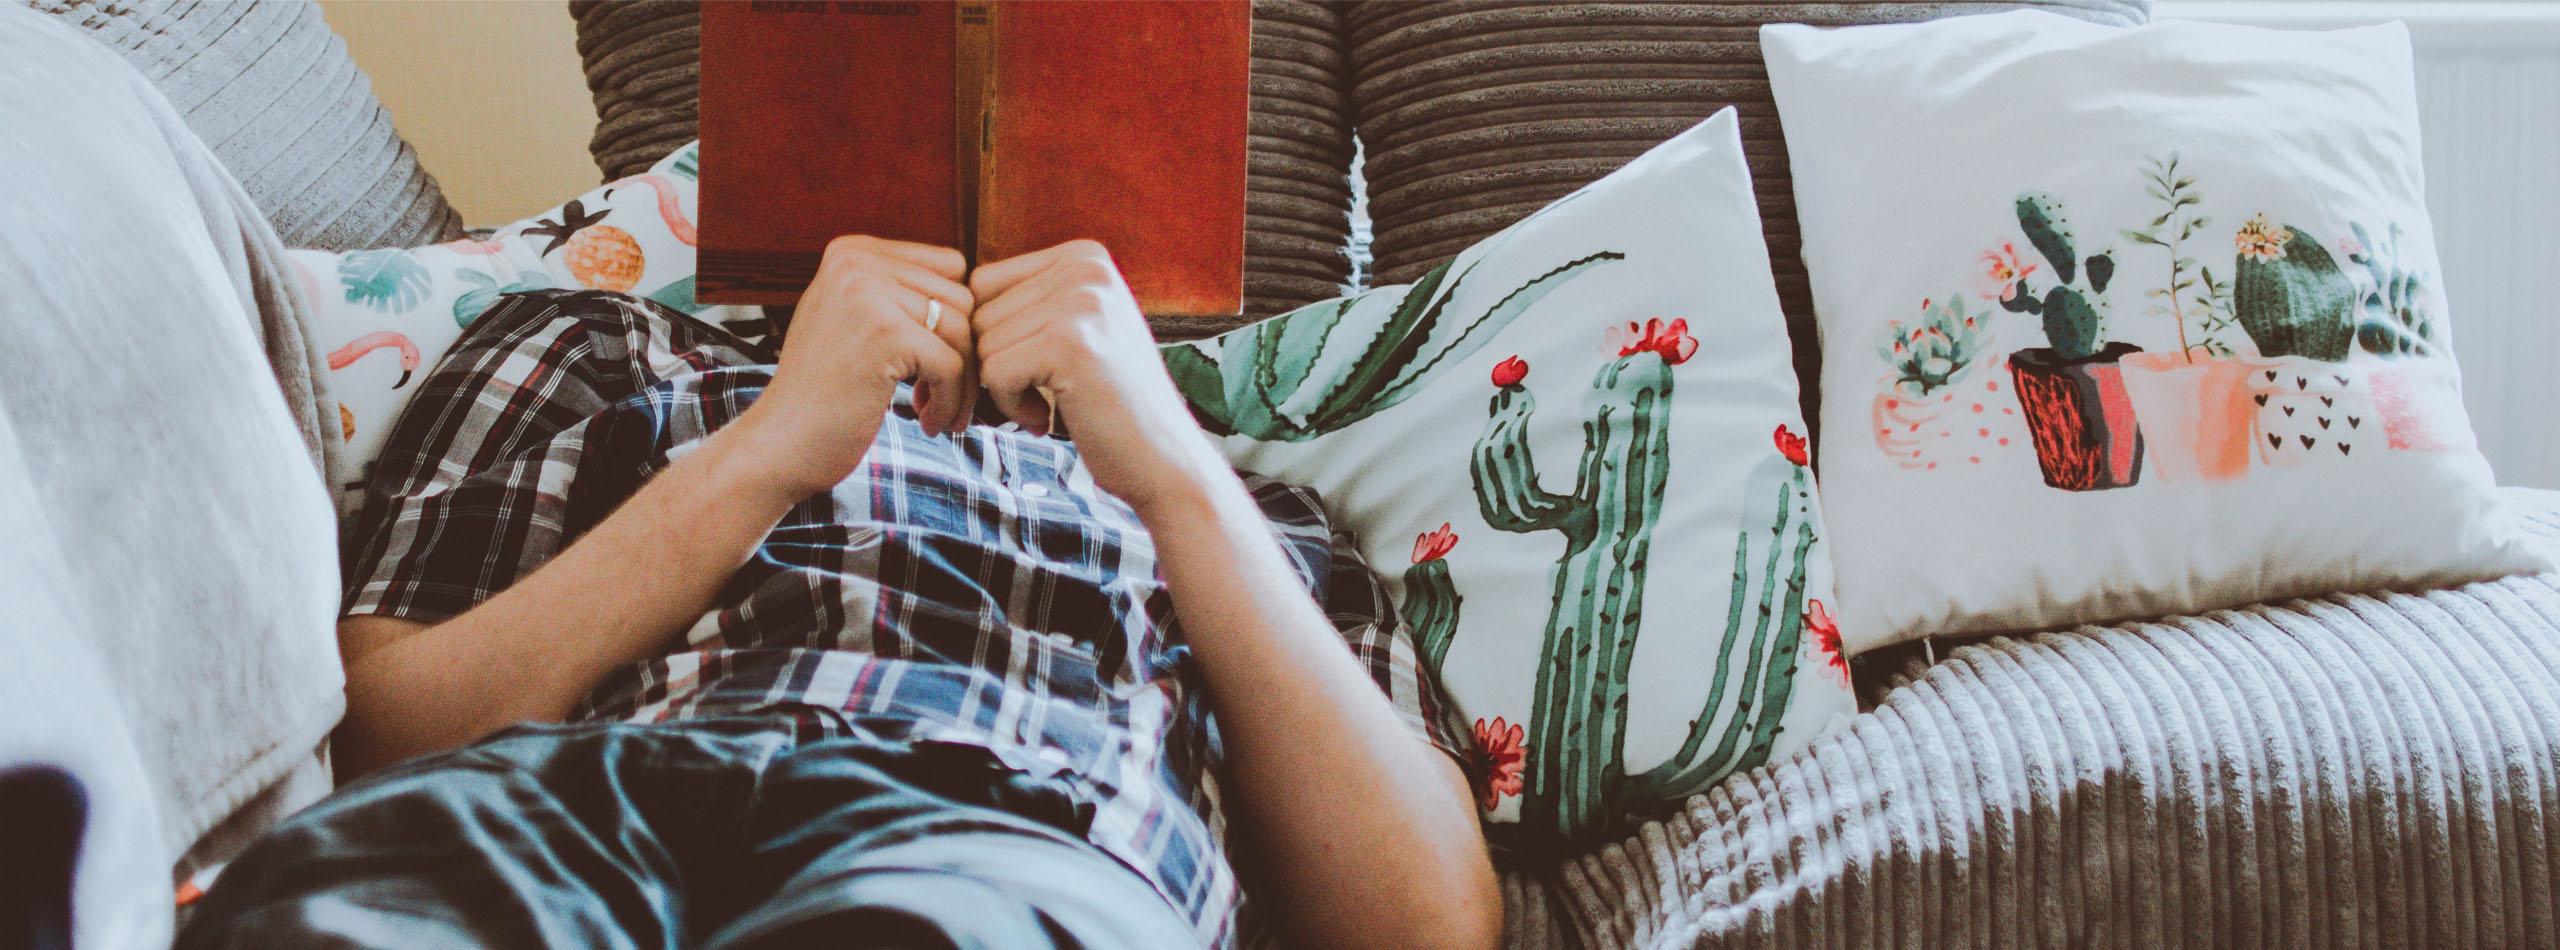 Homme qui lit un livre à côté d'un de coussins en canvas coton lin imprimés sur mesure